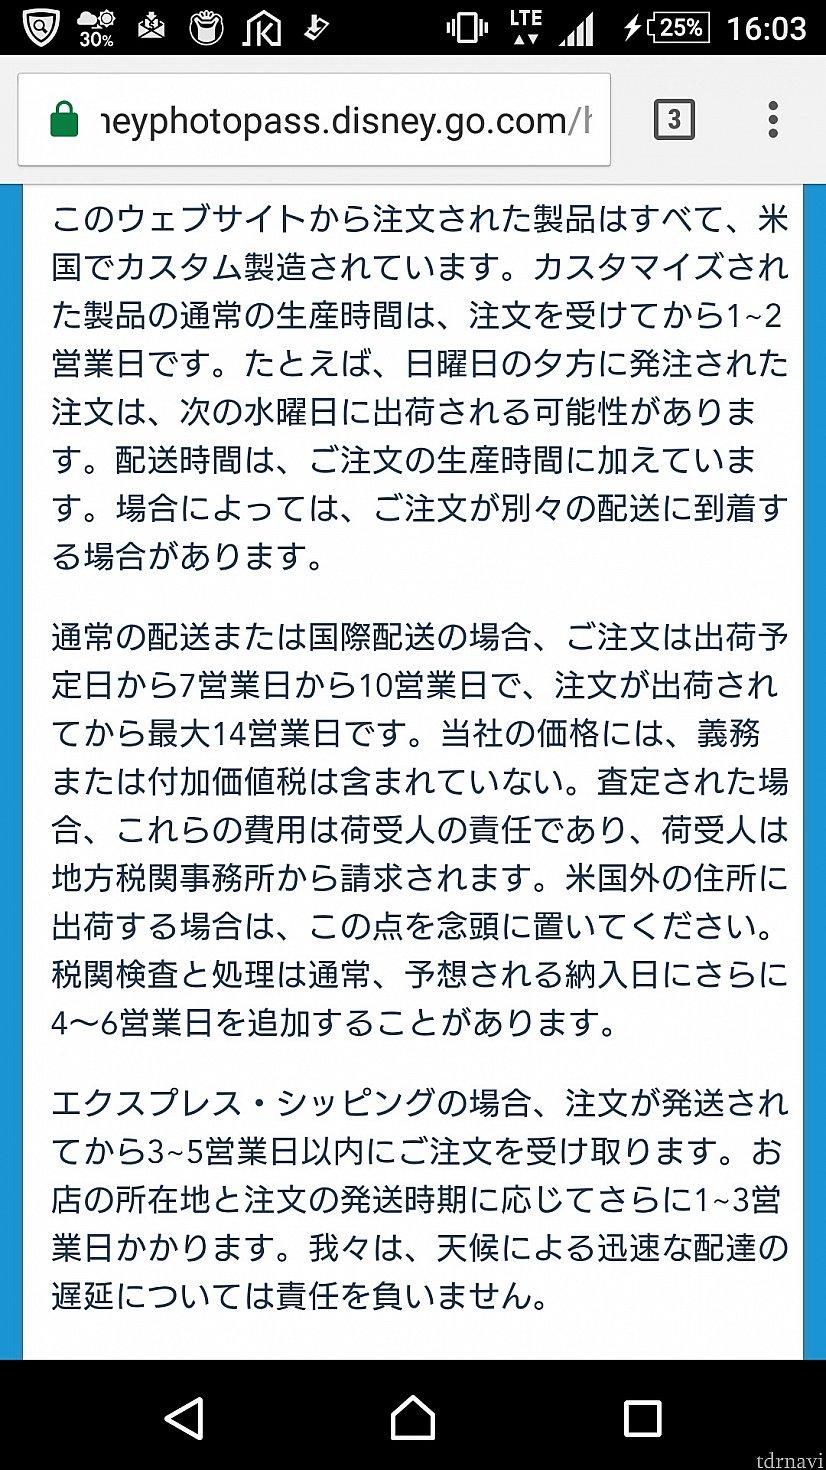 公式をアプリではなく、パソコンサイトから確認して日本語に訳したものです。 この7-10日って書いてところで、届かないと私はあせってしまいました